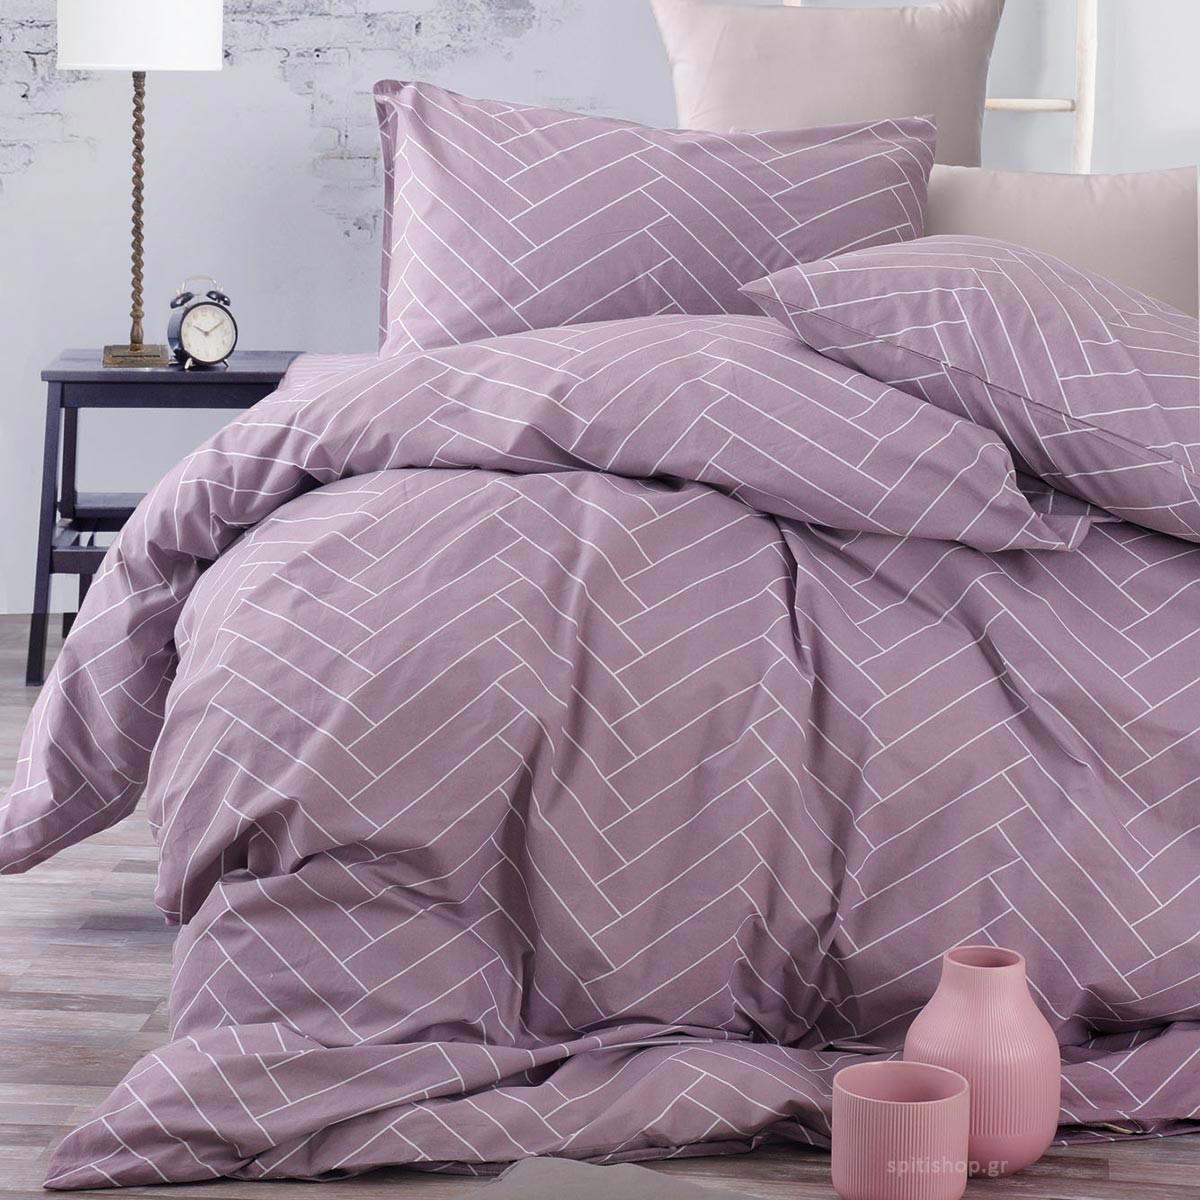 Κουβερλί Υπέρδιπλο (Σετ) Rythmos Symbol Tiles Purple